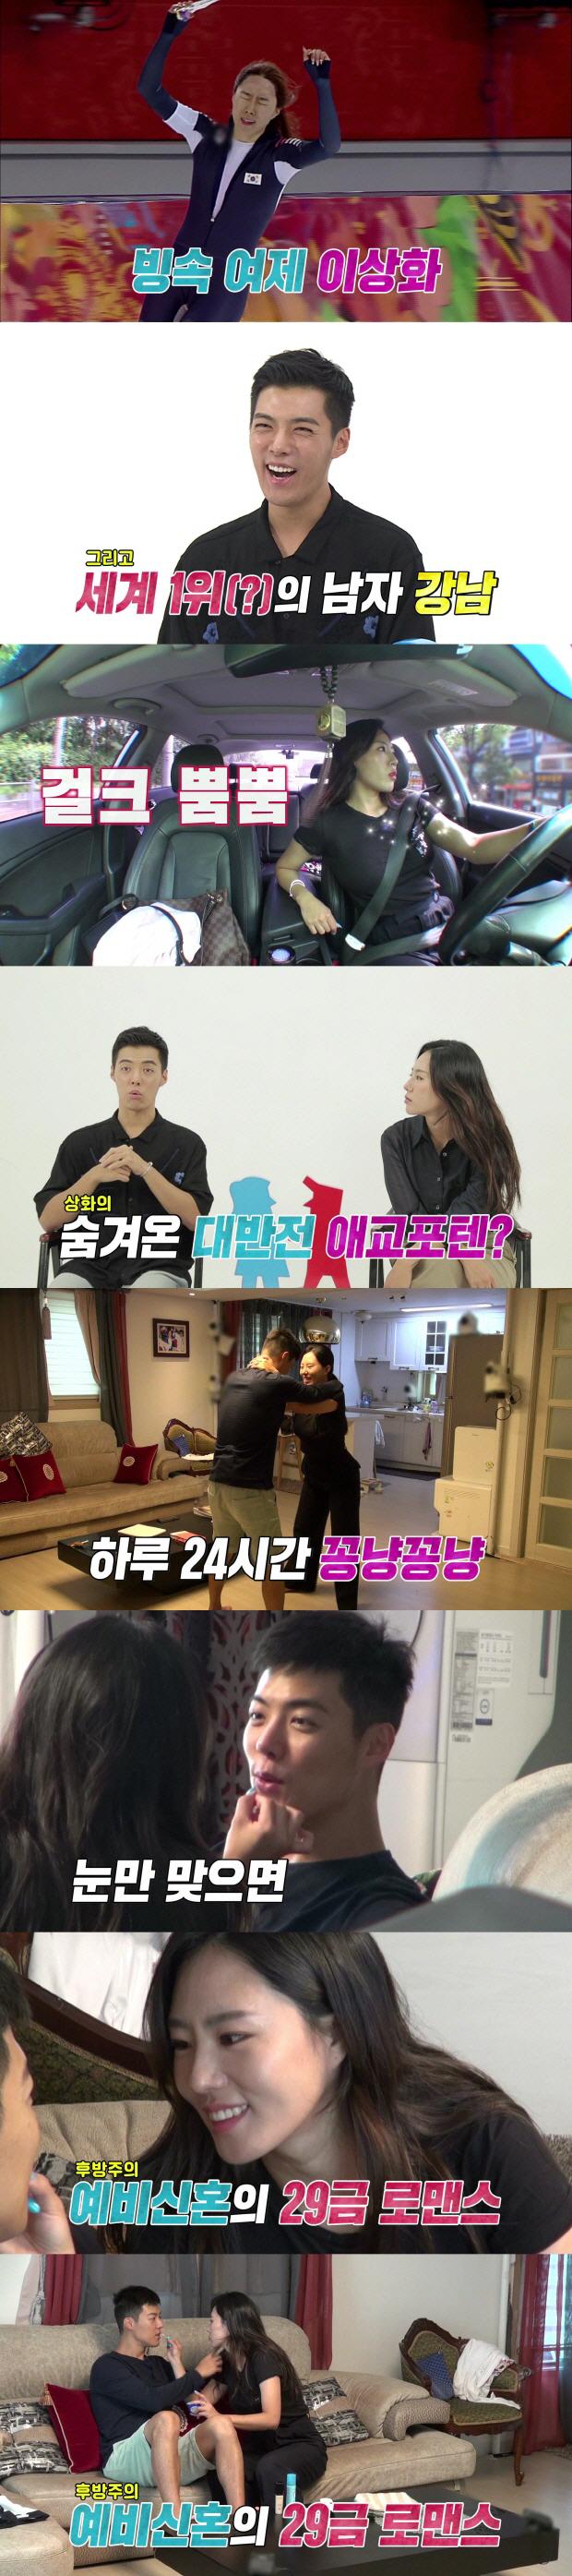 '너는 내 운명' 강남♥이상화, 반전 일상 예고..'조회수 150만 뷰 돌파'